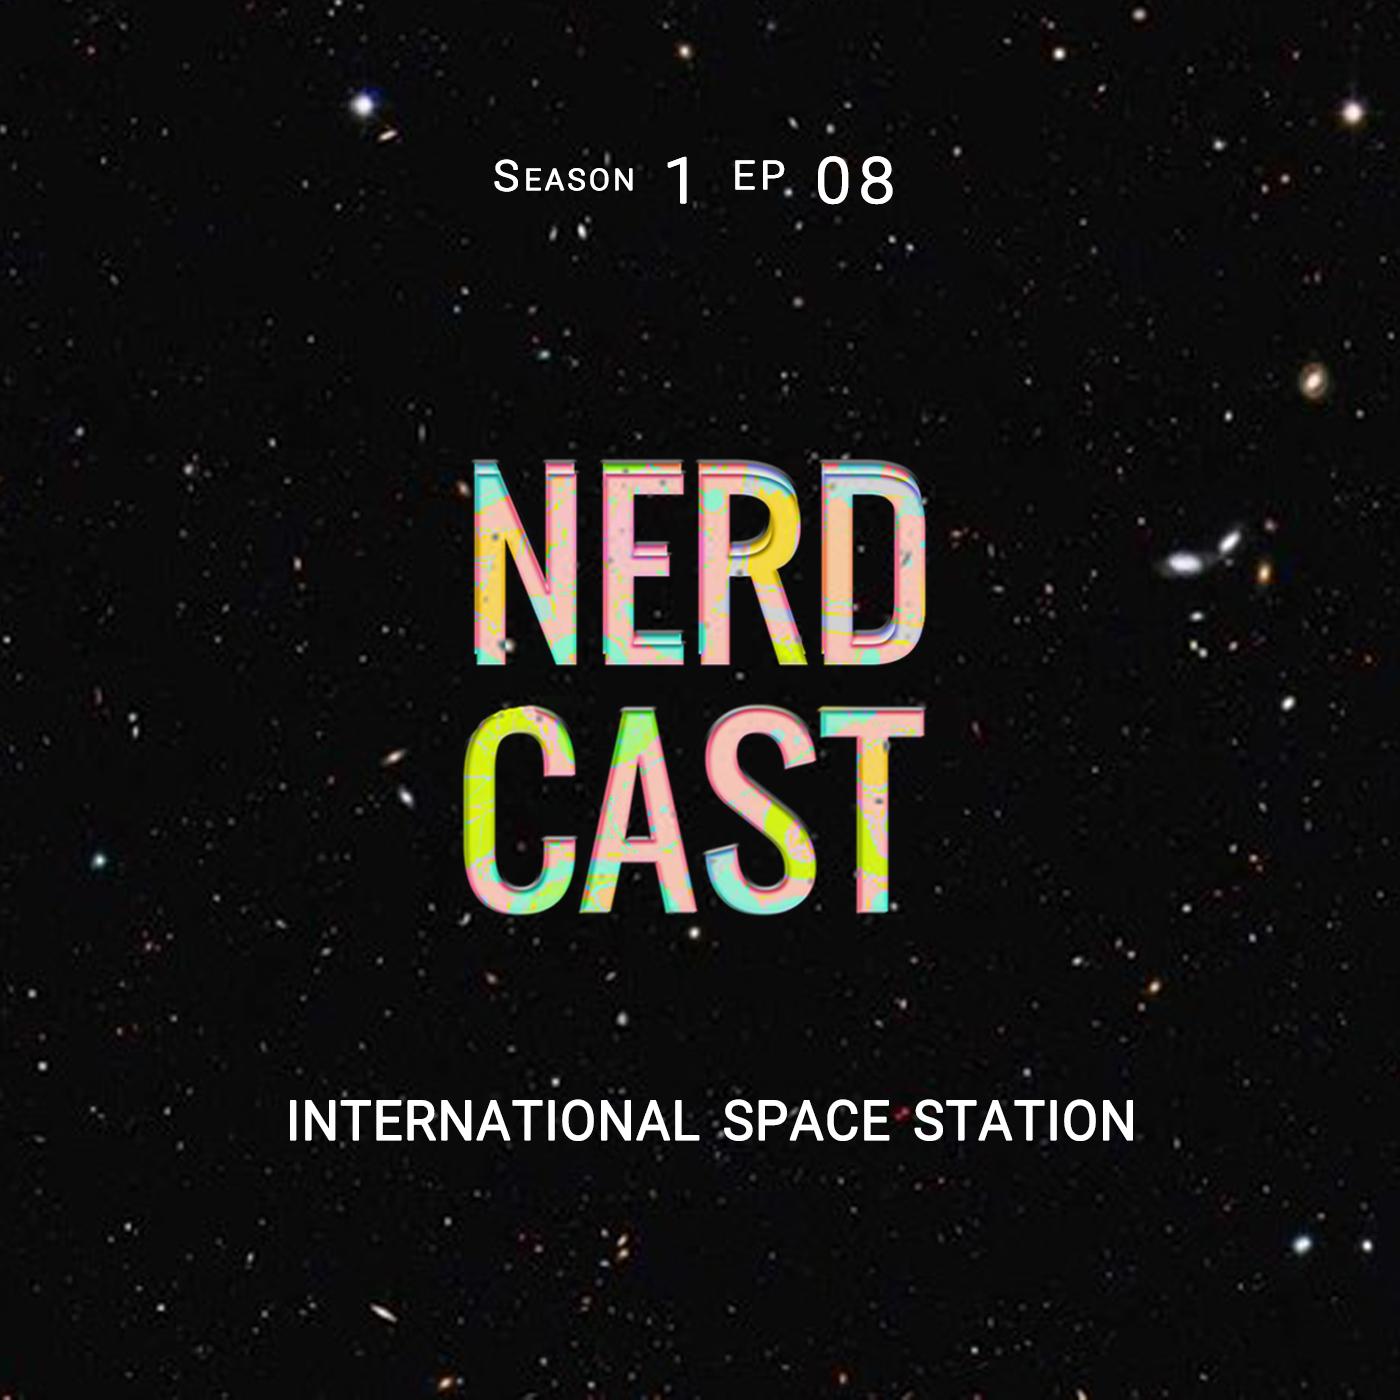 قسمت 8 نردکست، ایستگاه فضایی بینالمللی